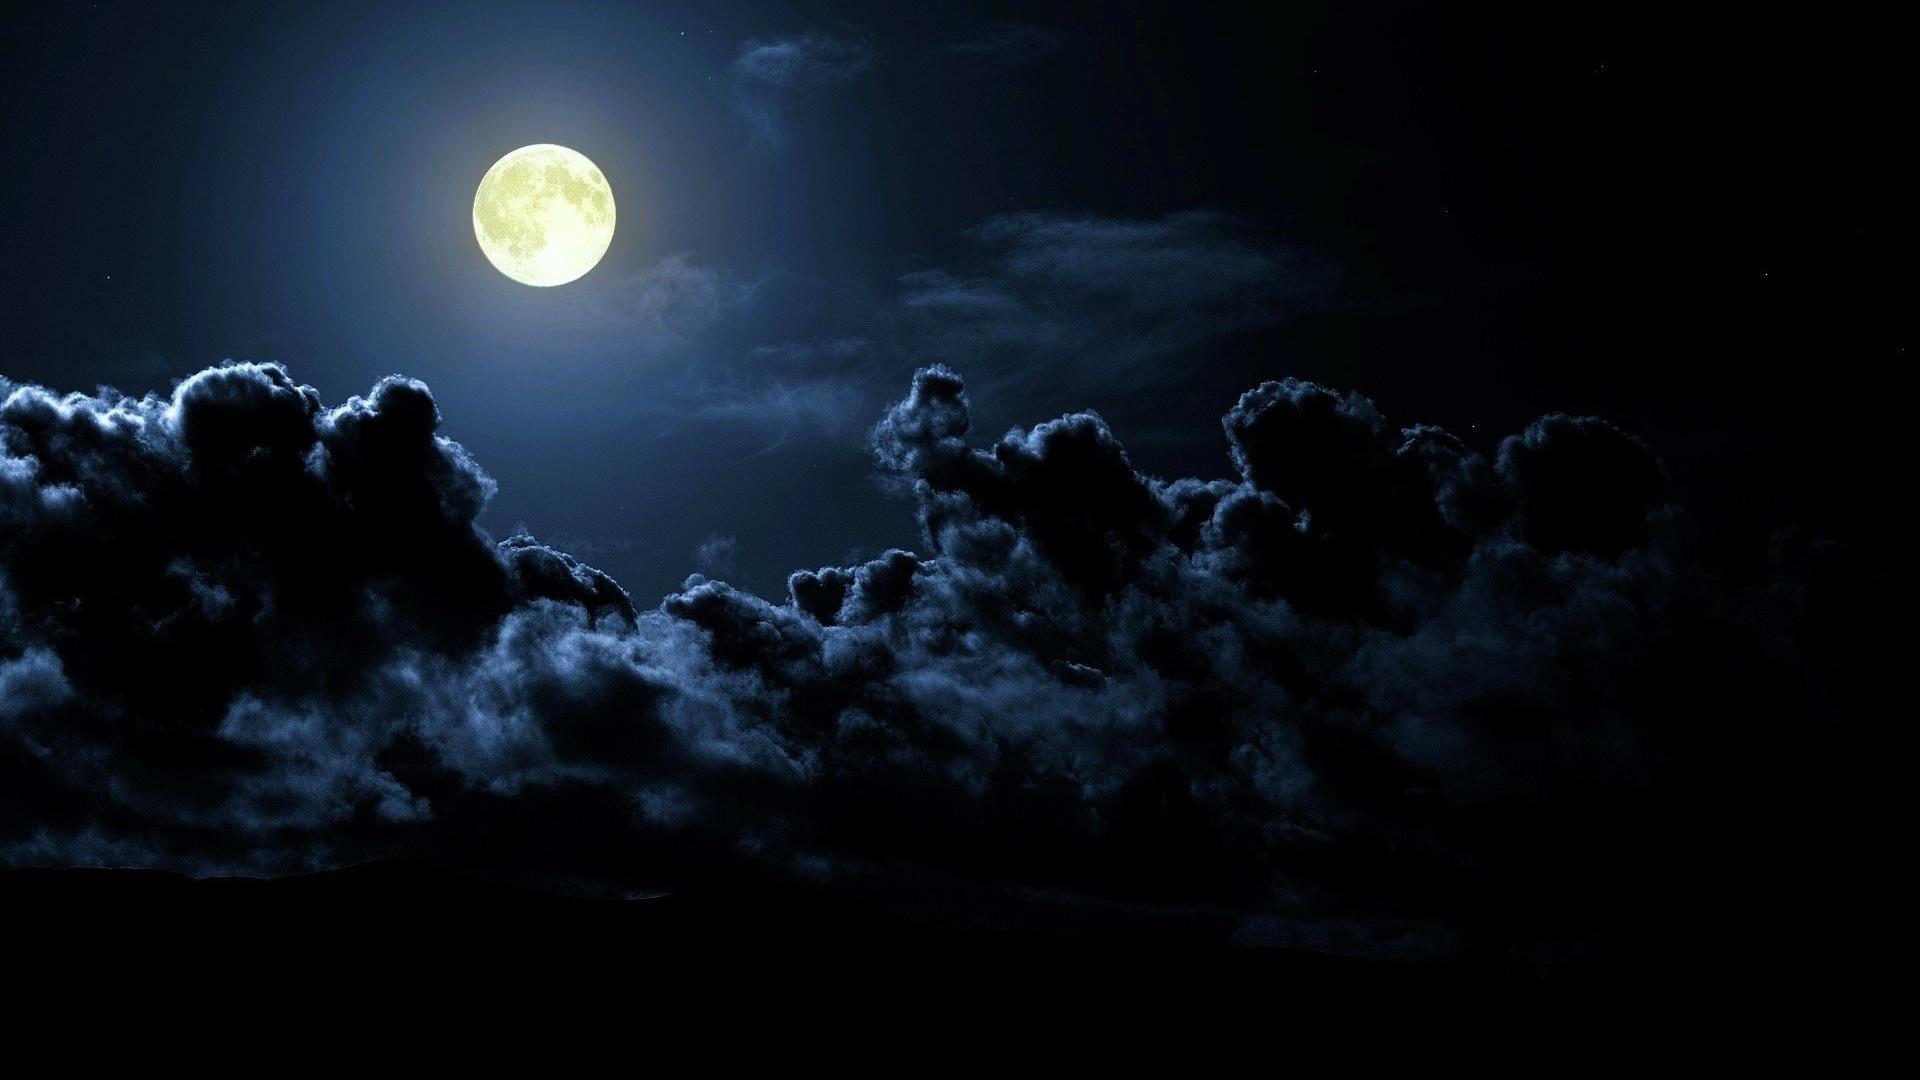 любое время картинка темная ночка фасад